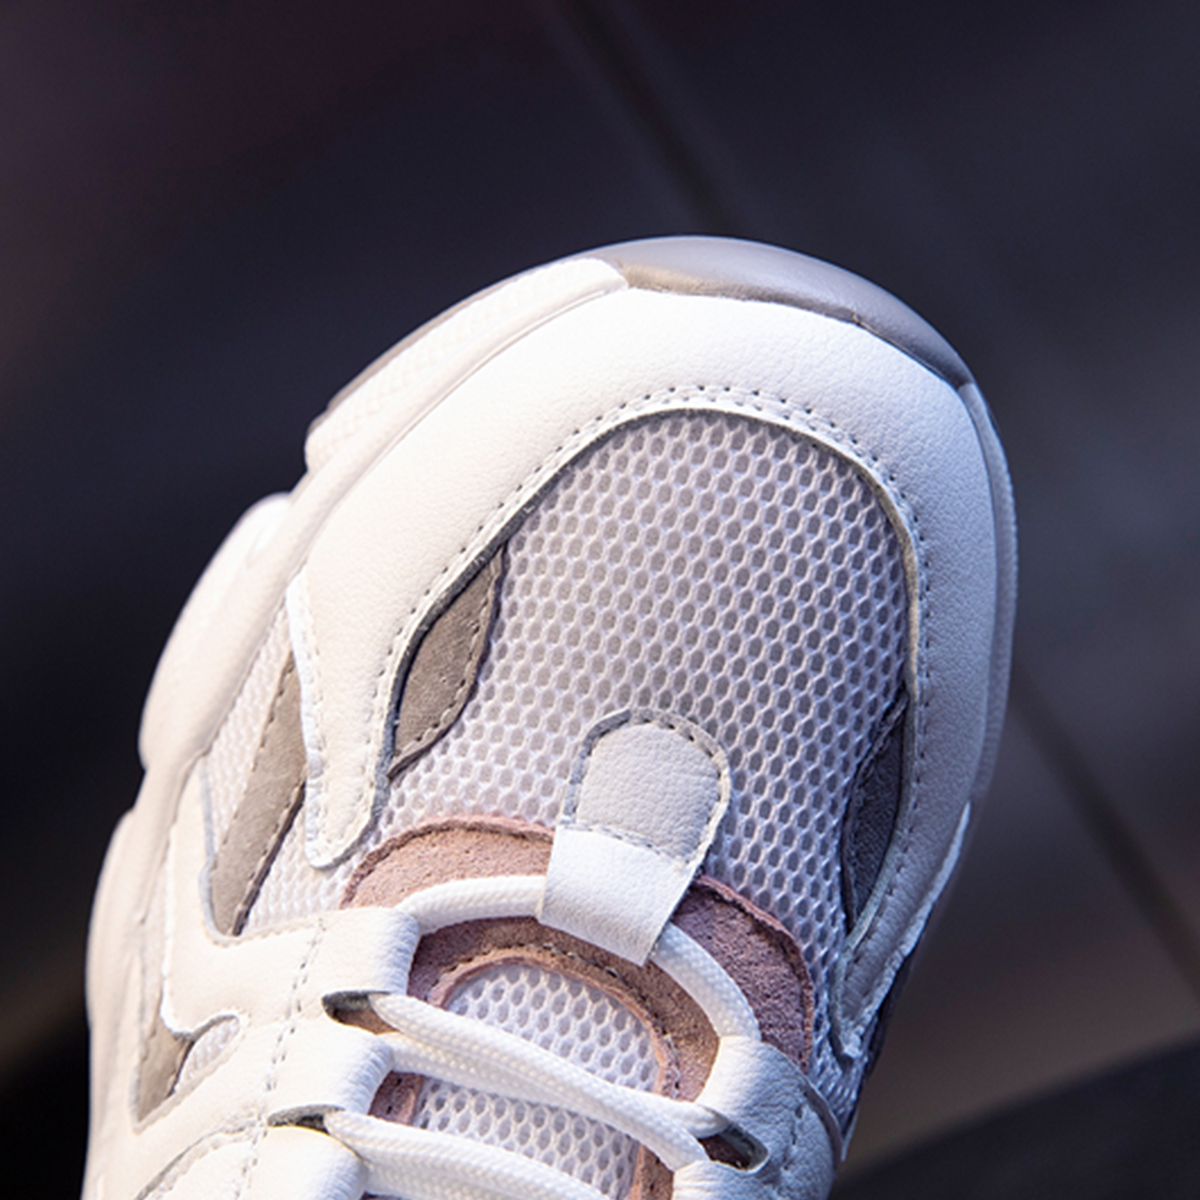 Nouveau Femme Finition Glacée Plateforme coincé Baskets à Lacets 2 Couleurs Taille UK 3-8